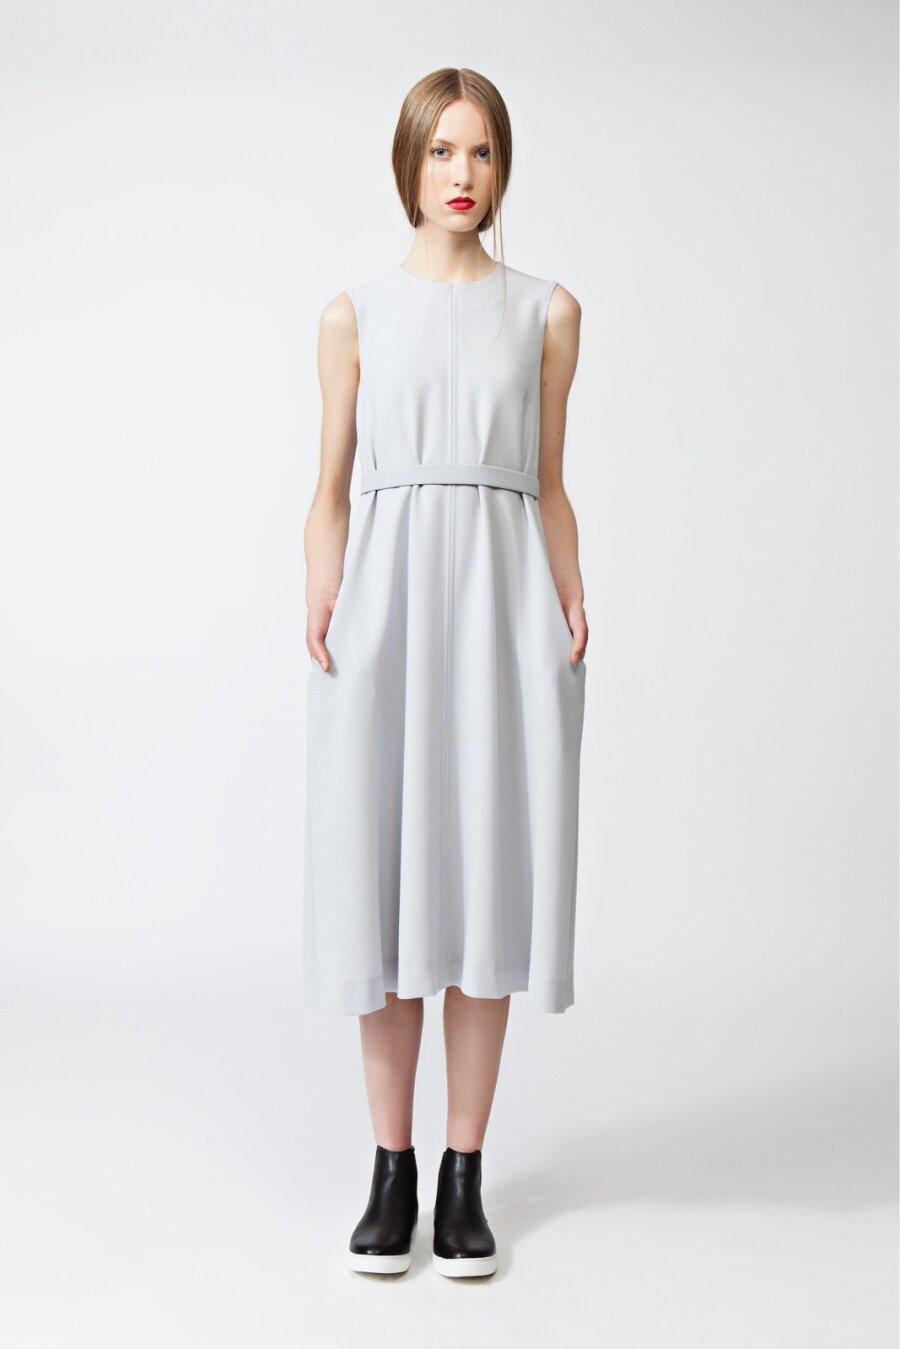 81de3cf0e2a Piret Ilvese helehalli peenvillakrepist kleiti on kevadel ja suvel mõnusalt  helge kanda nii tööl kui ka